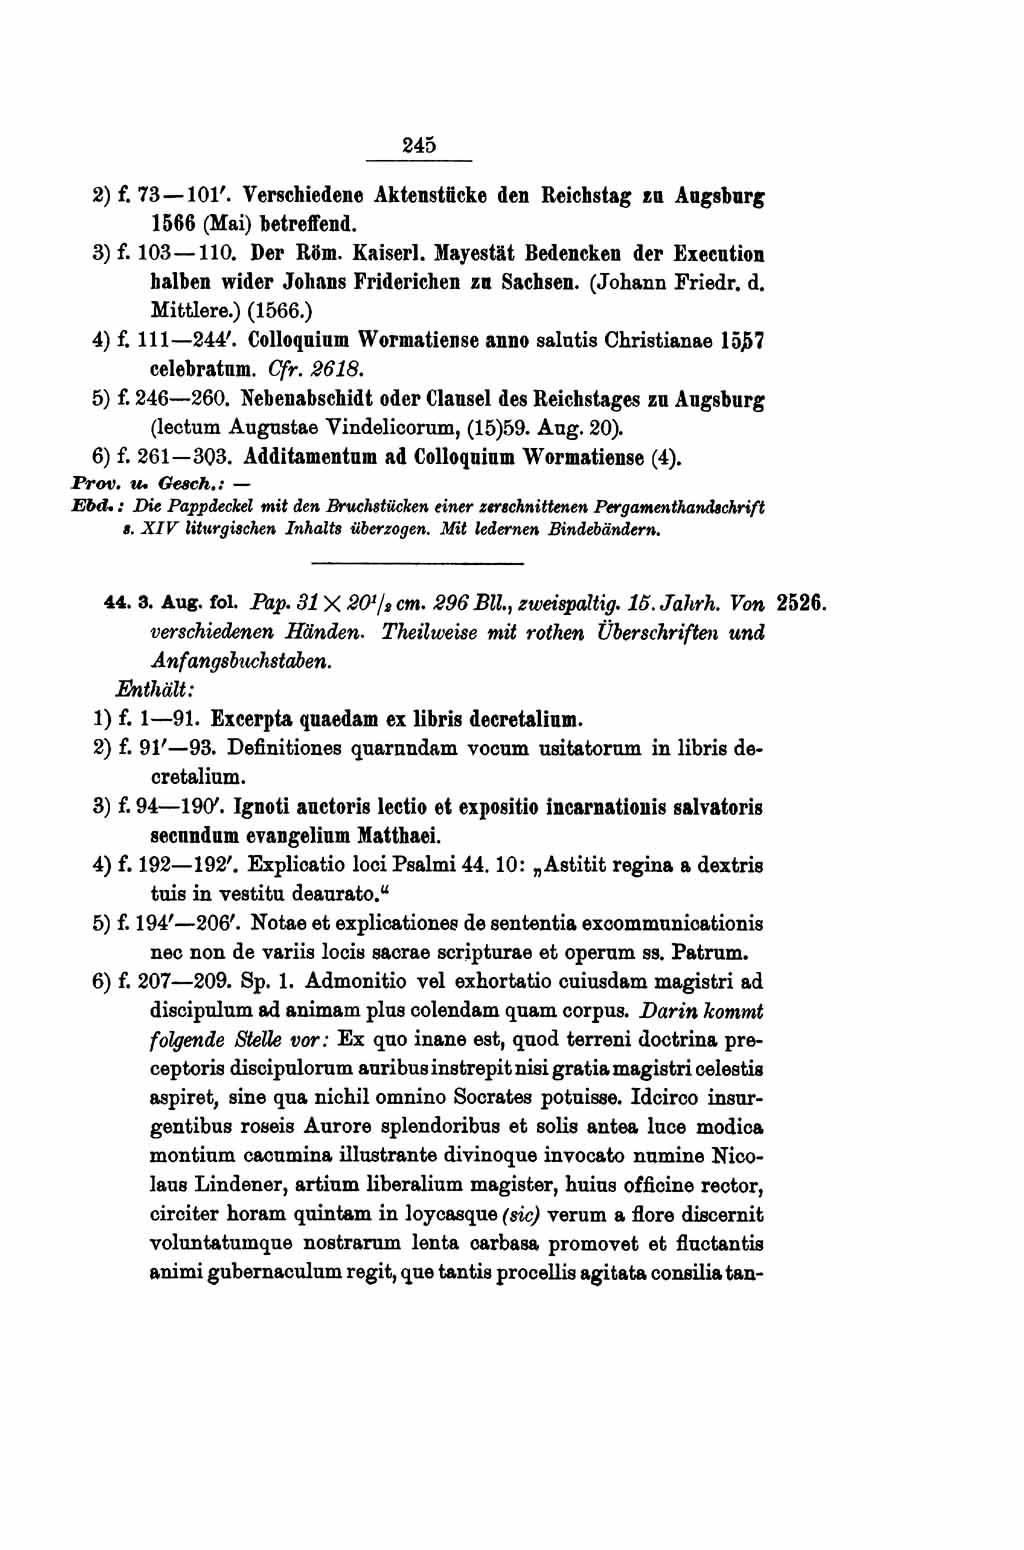 http://diglib.hab.de/drucke/f4f-539-6/00255.jpg